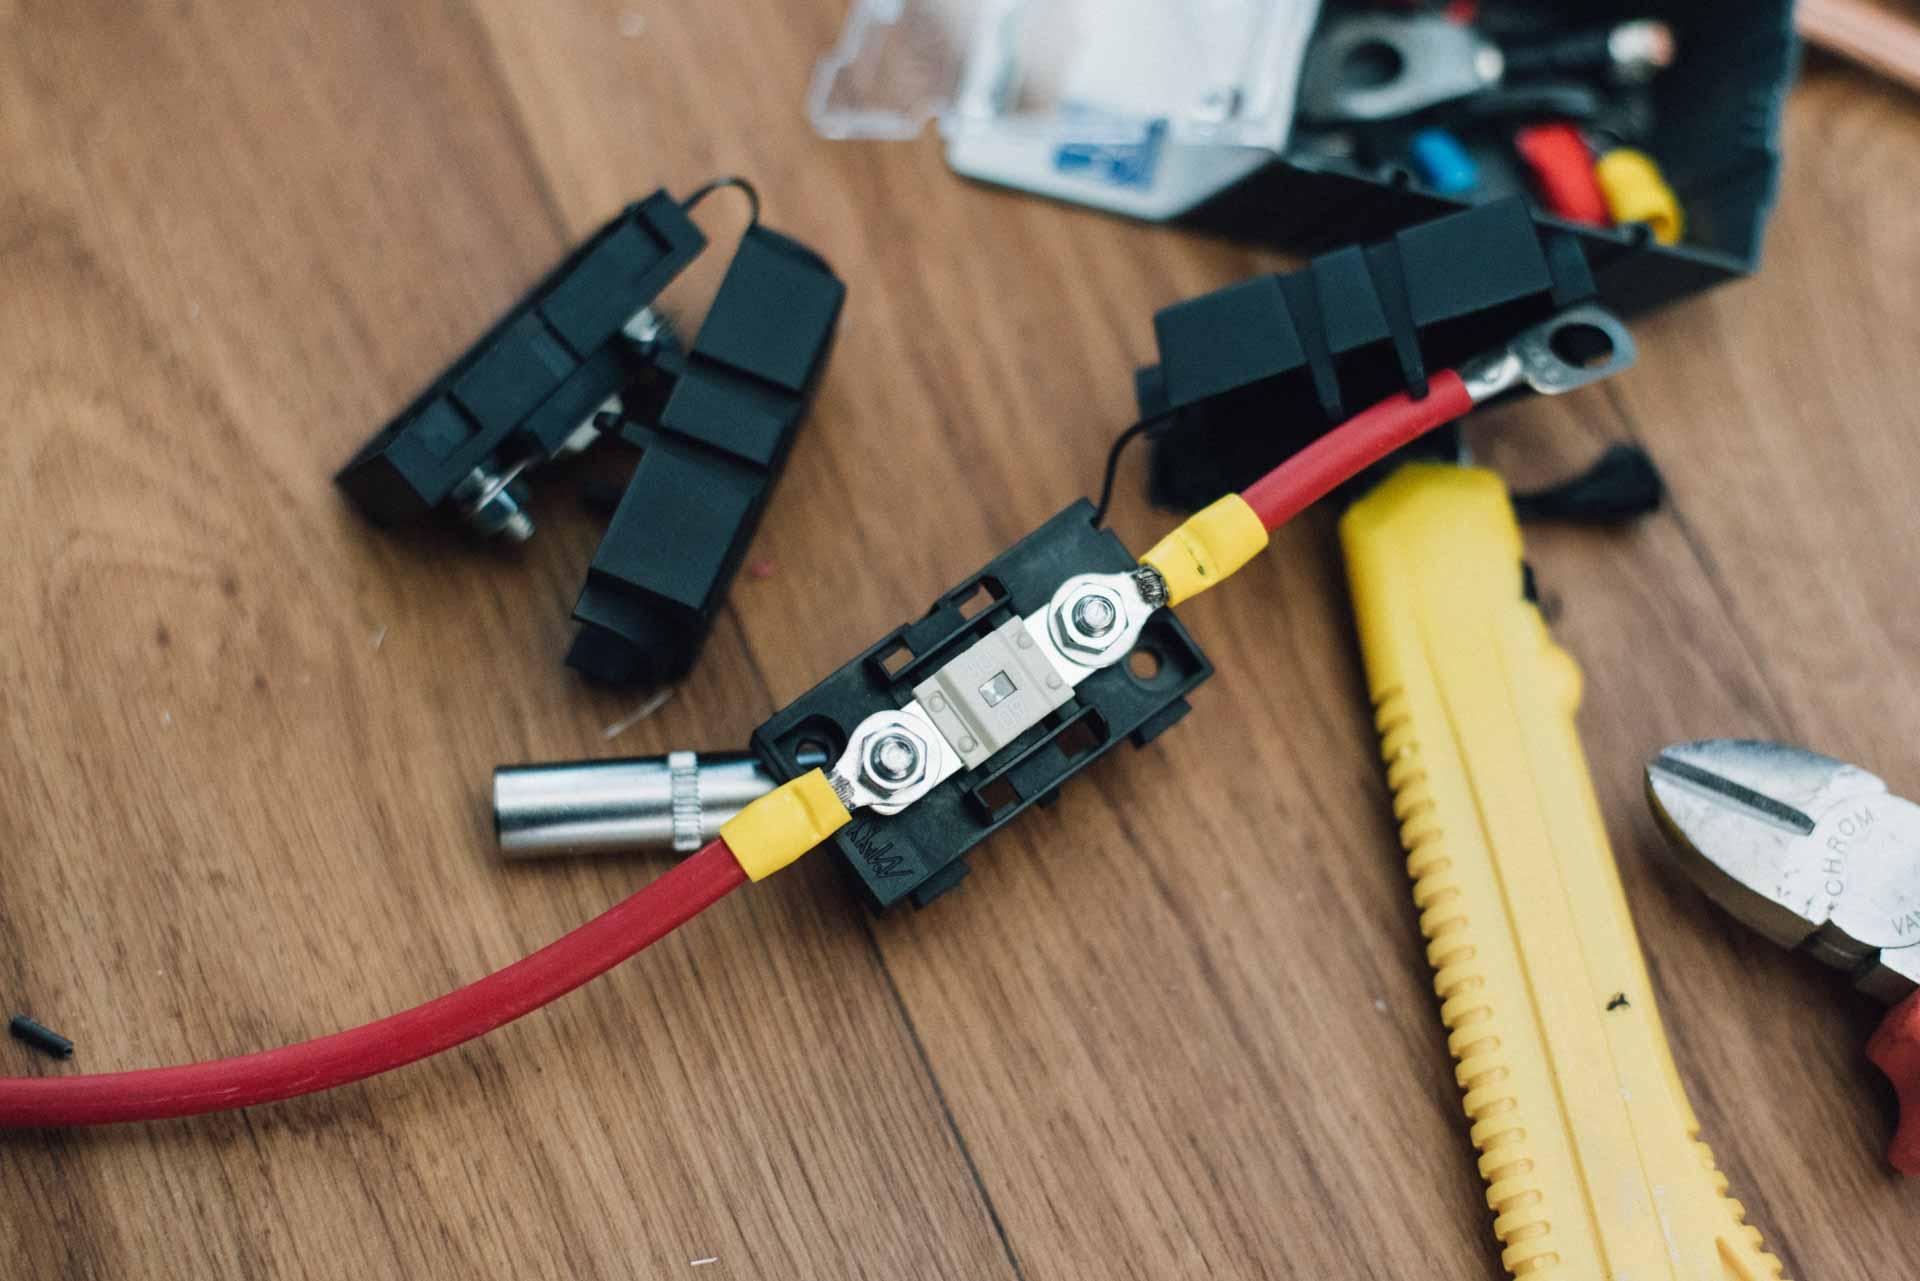 Camper elektrik installation Sicherung